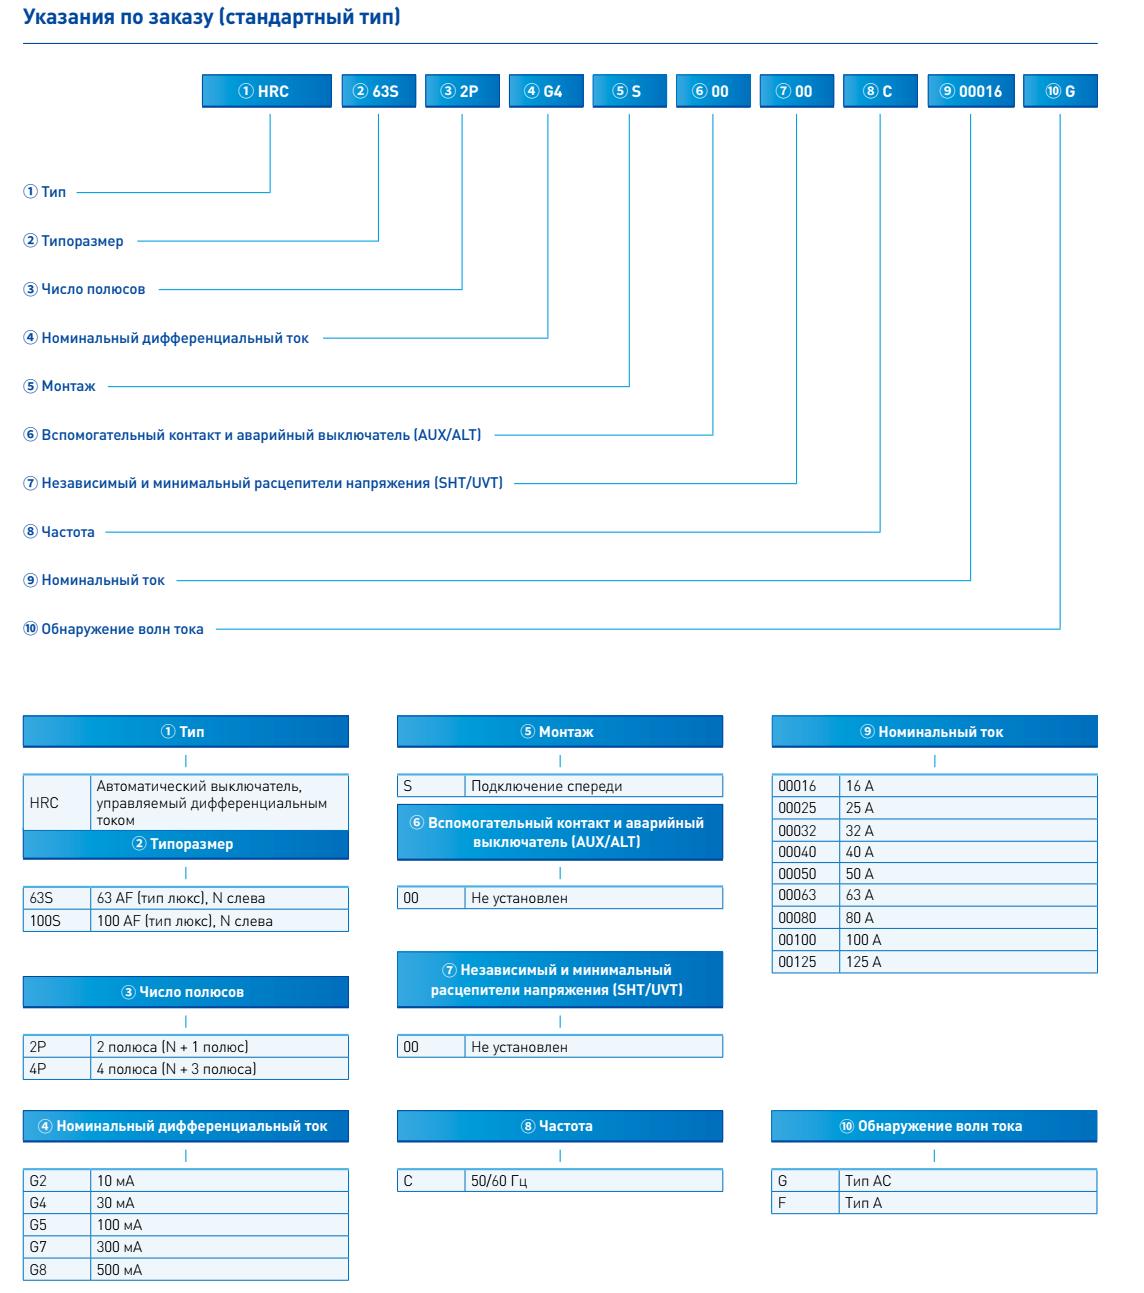 HRC-racshifrovka